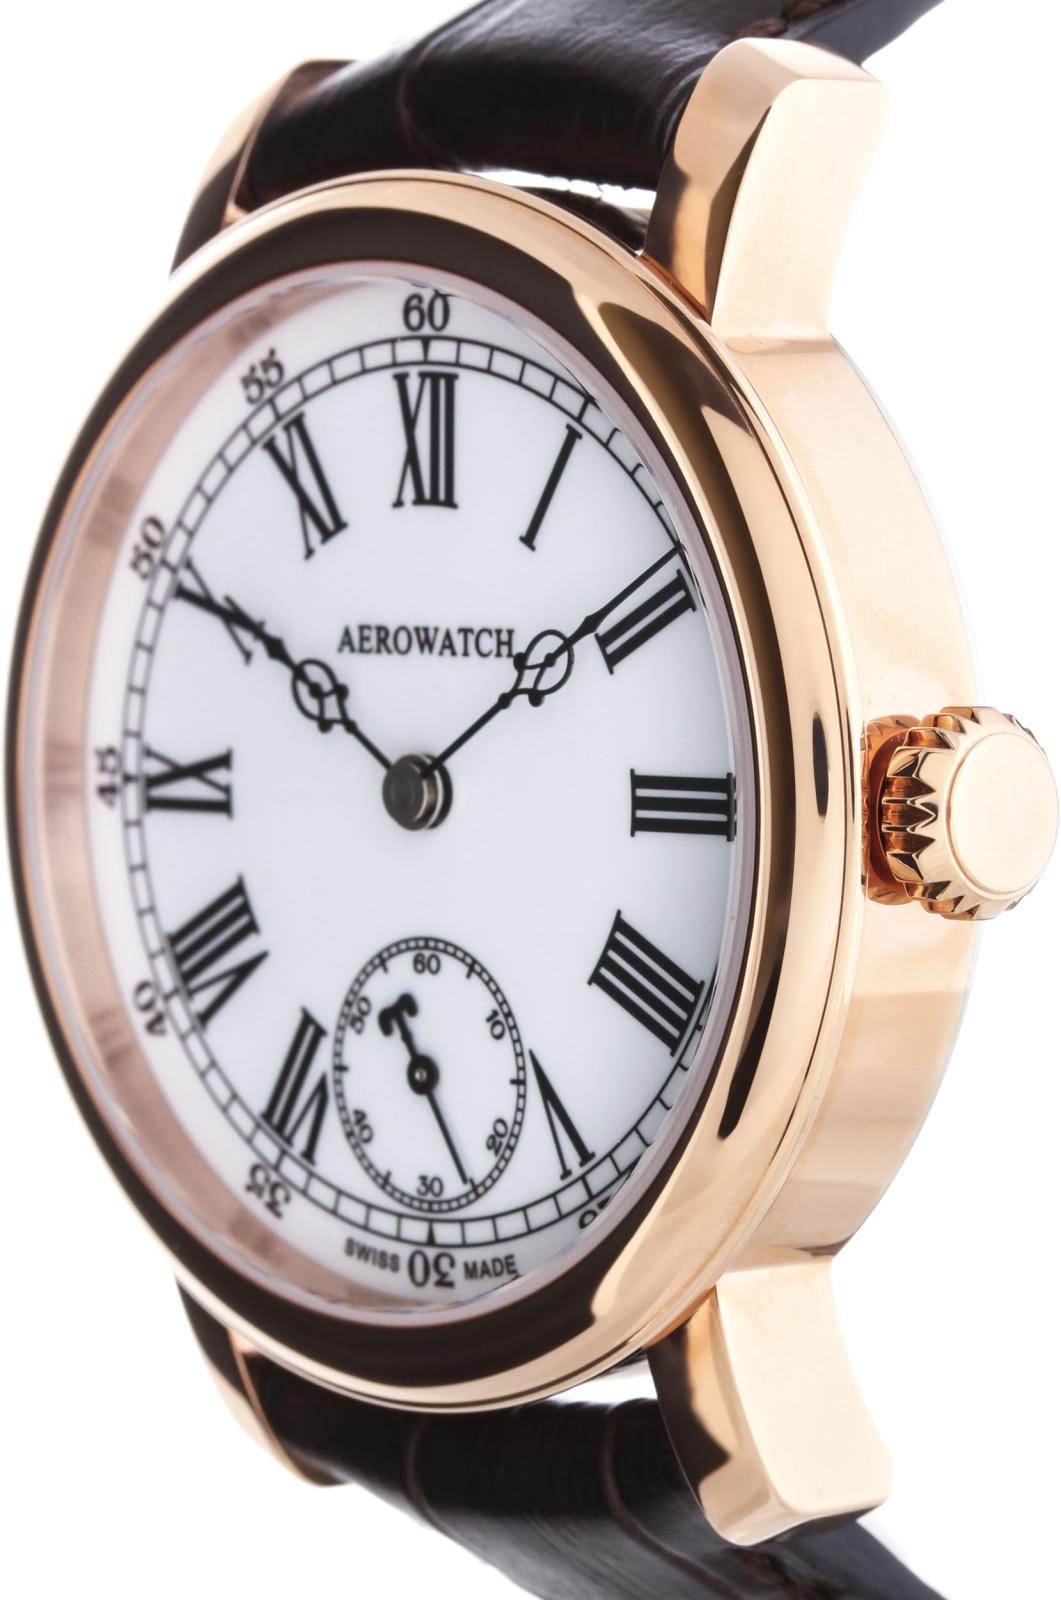 Aerowatch Renaissance 55931 RO03Наручные часы<br>Швейцарские часы Aerowatch Renaissance 55931 RO03<br><br>Пол: Мужские<br>Страна-производитель: Швейцария<br>Механизм: Механический<br>Материал корпуса: Сталь<br>Материал ремня/браслета: Кожа<br>Водозащита, диапазон: None<br>Стекло: Сапфировое<br>Толщина корпуса: None<br>Стиль: None